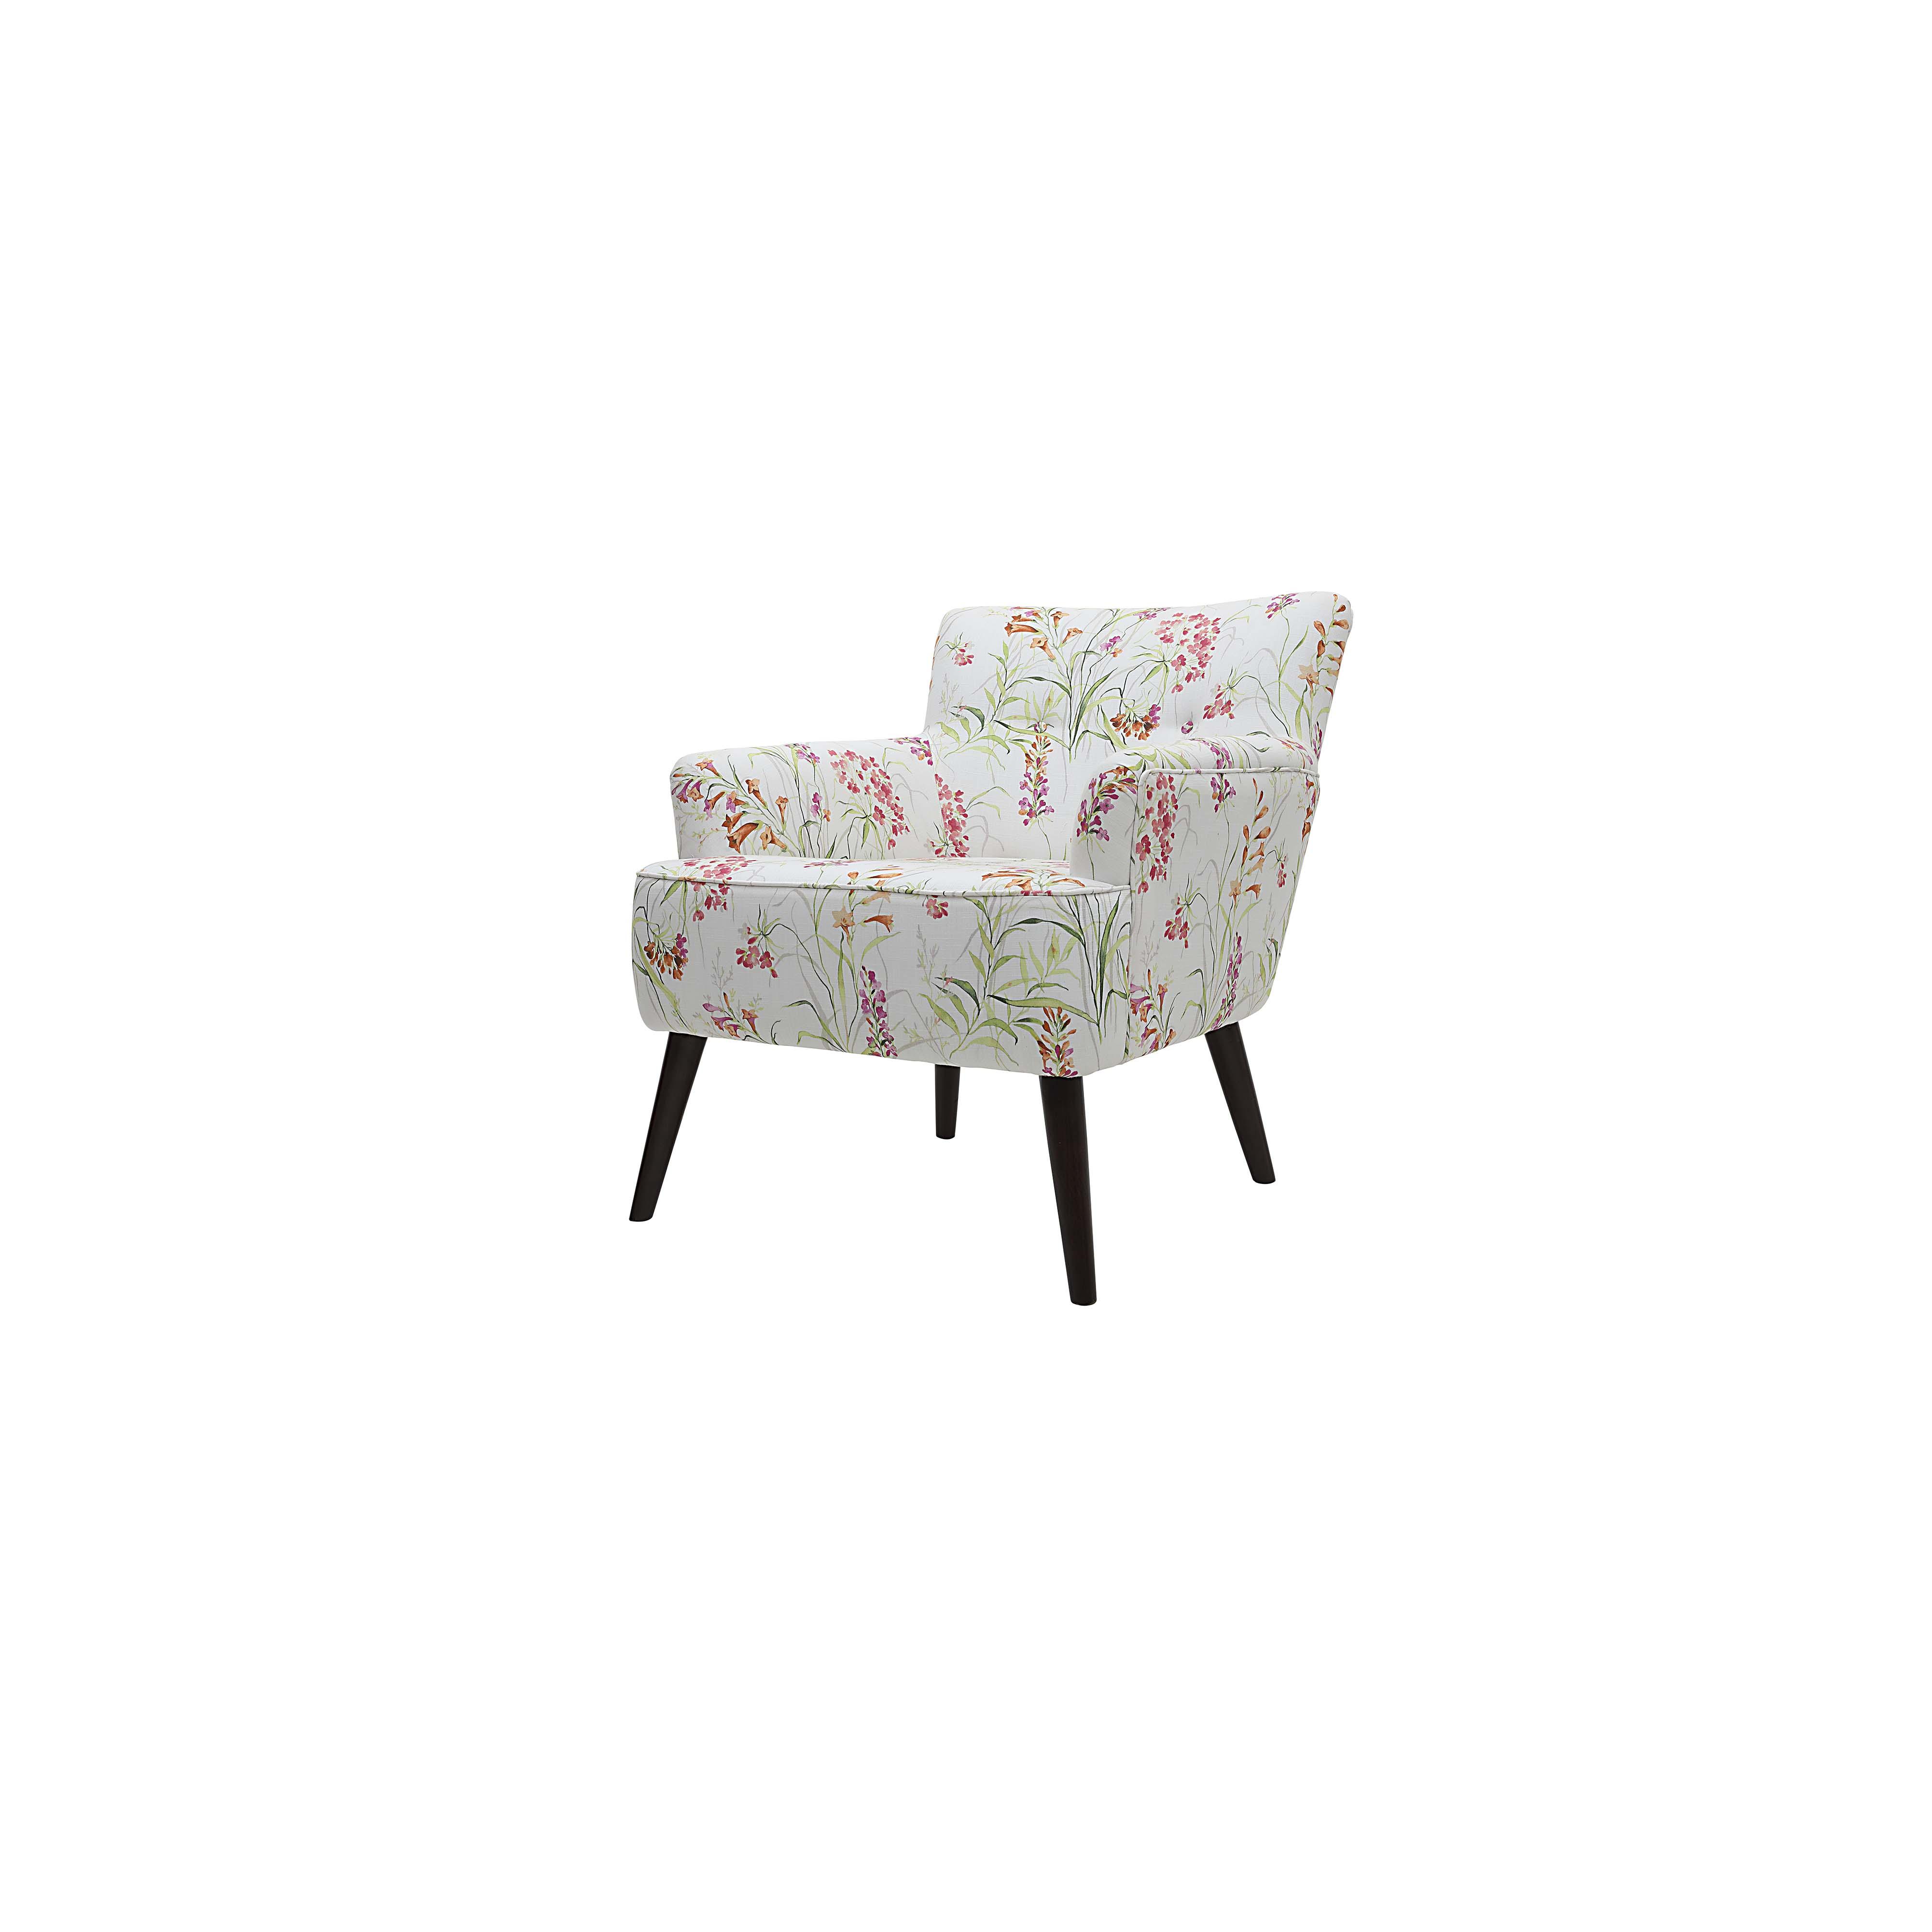 Leilani armchair